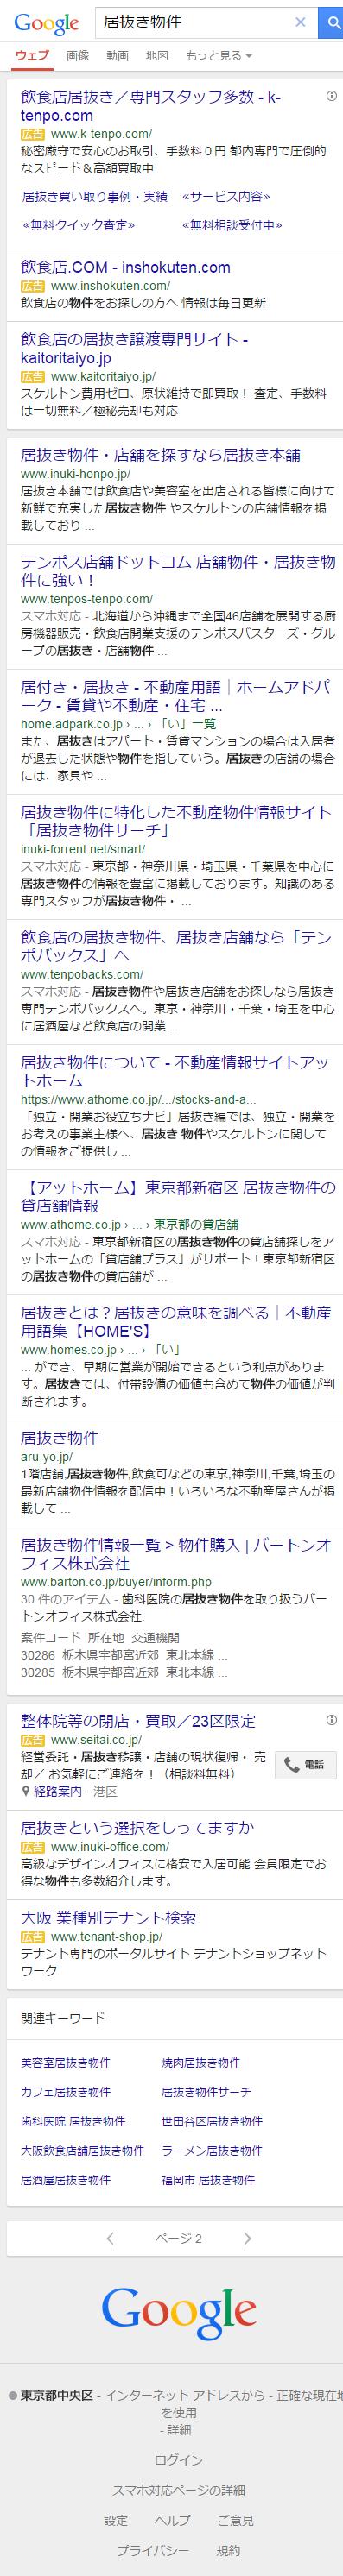 20150415_テンポバックス_居抜き物件   Google 検索